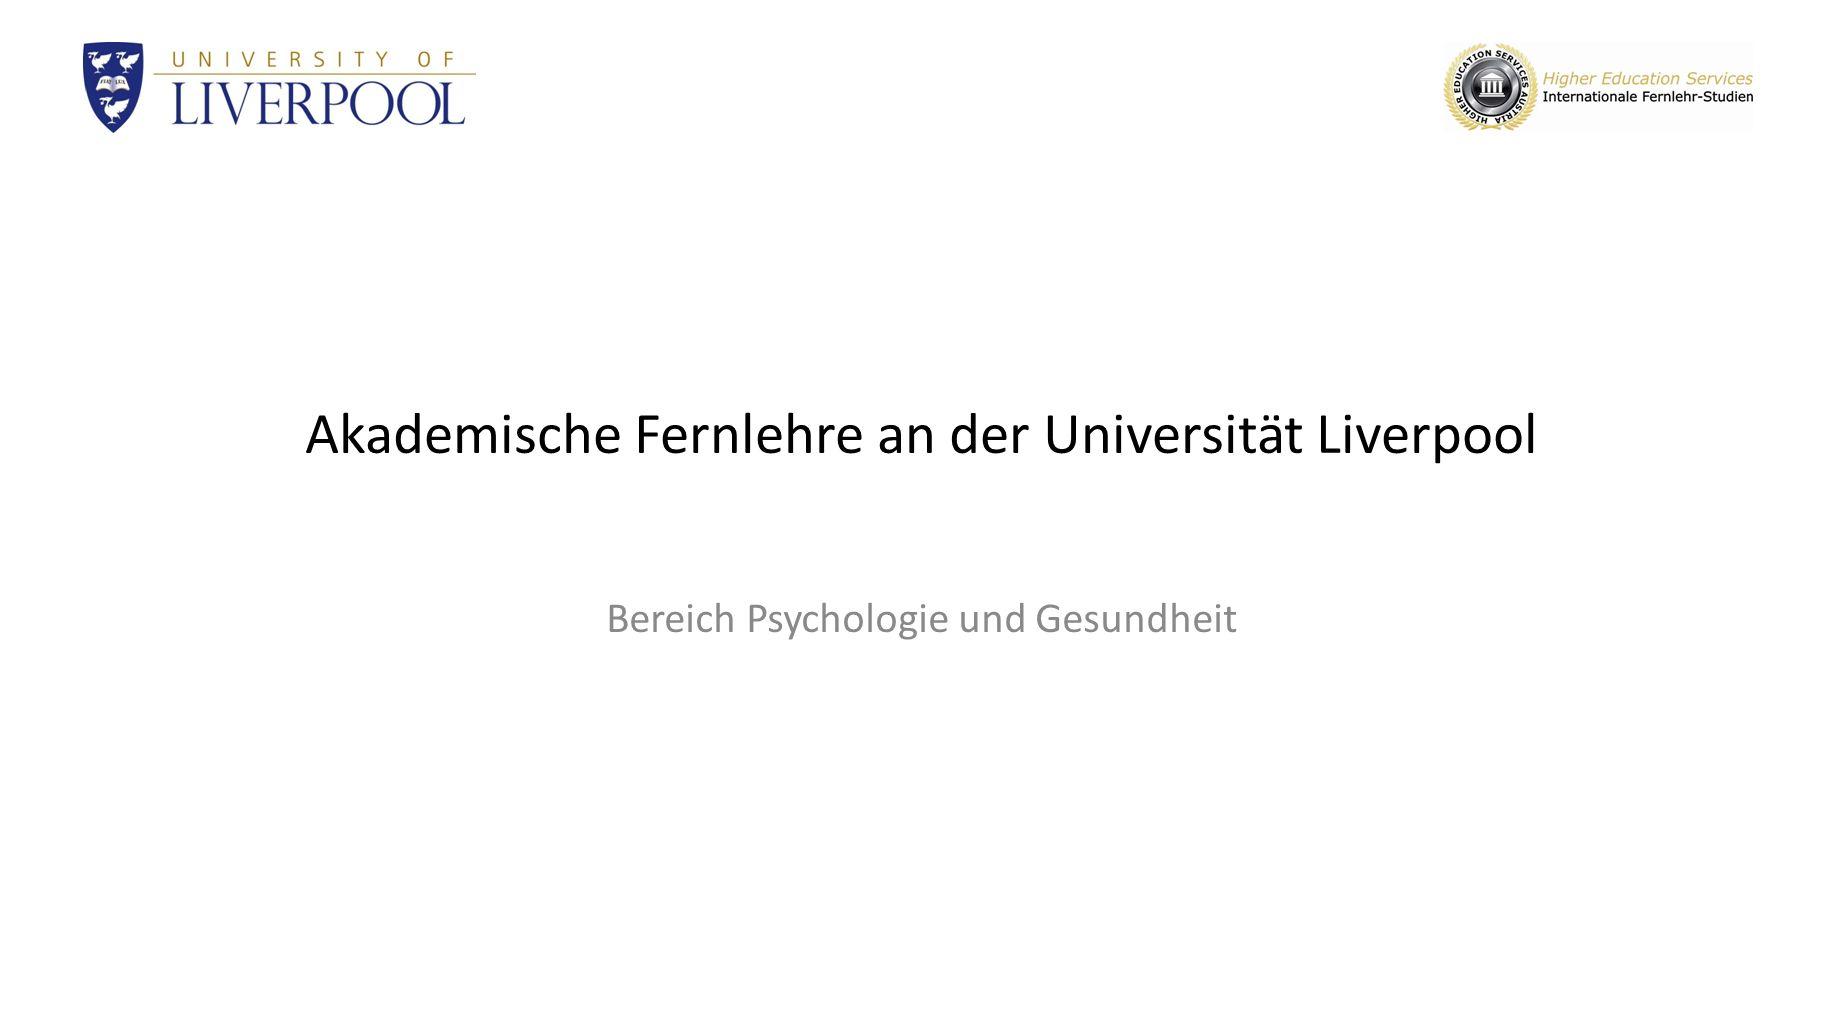 Akademische Fernlehre an der Universität Liverpool Bereich Psychologie und Gesundheit